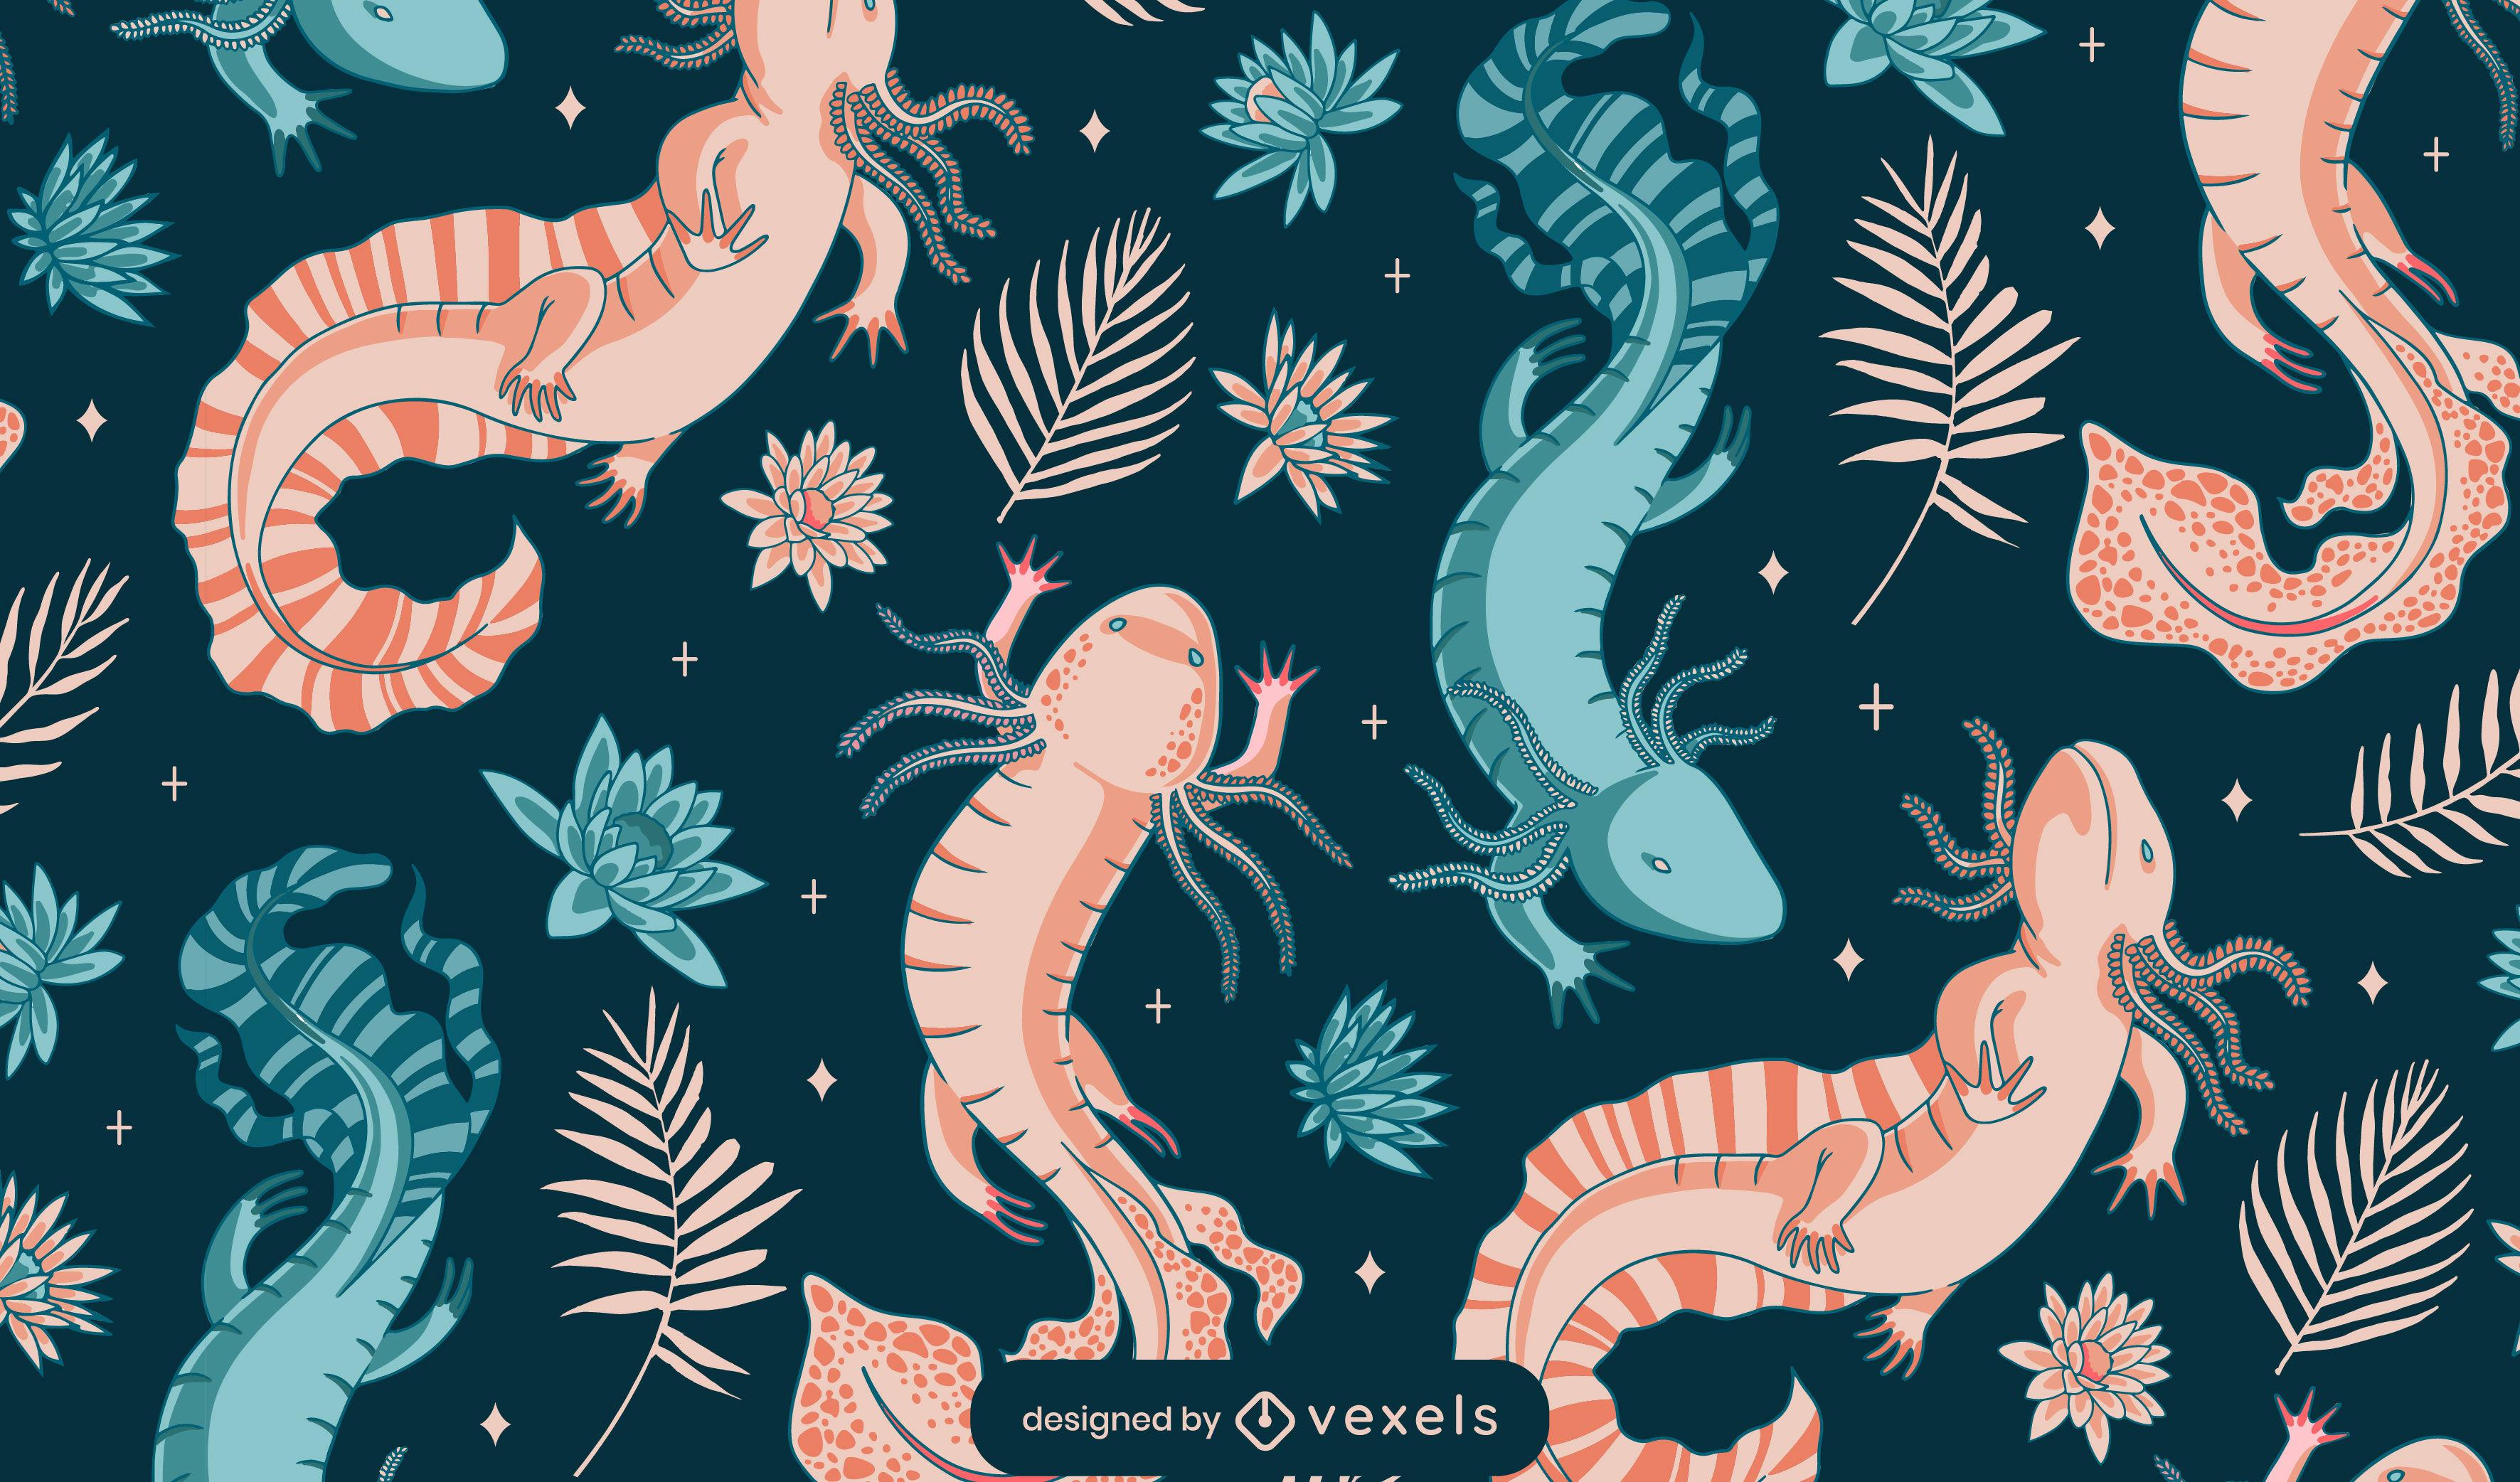 Diseño de patrón de axolotl duotono